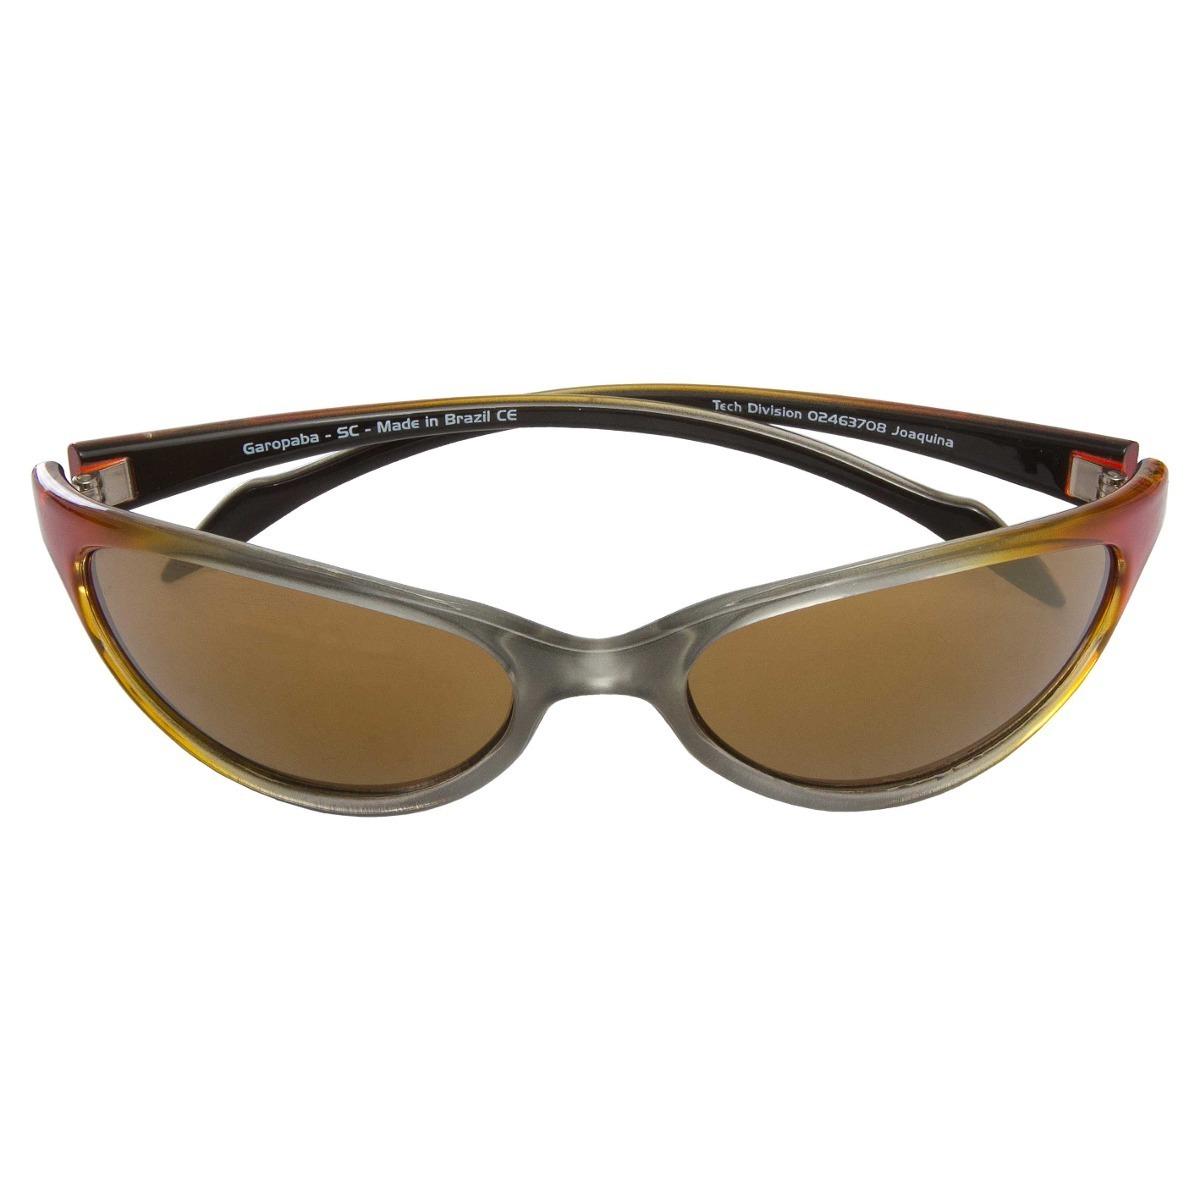 79635029c583a óculos de sol esportivo mormaii joaquina original nacional. Carregando zoom.